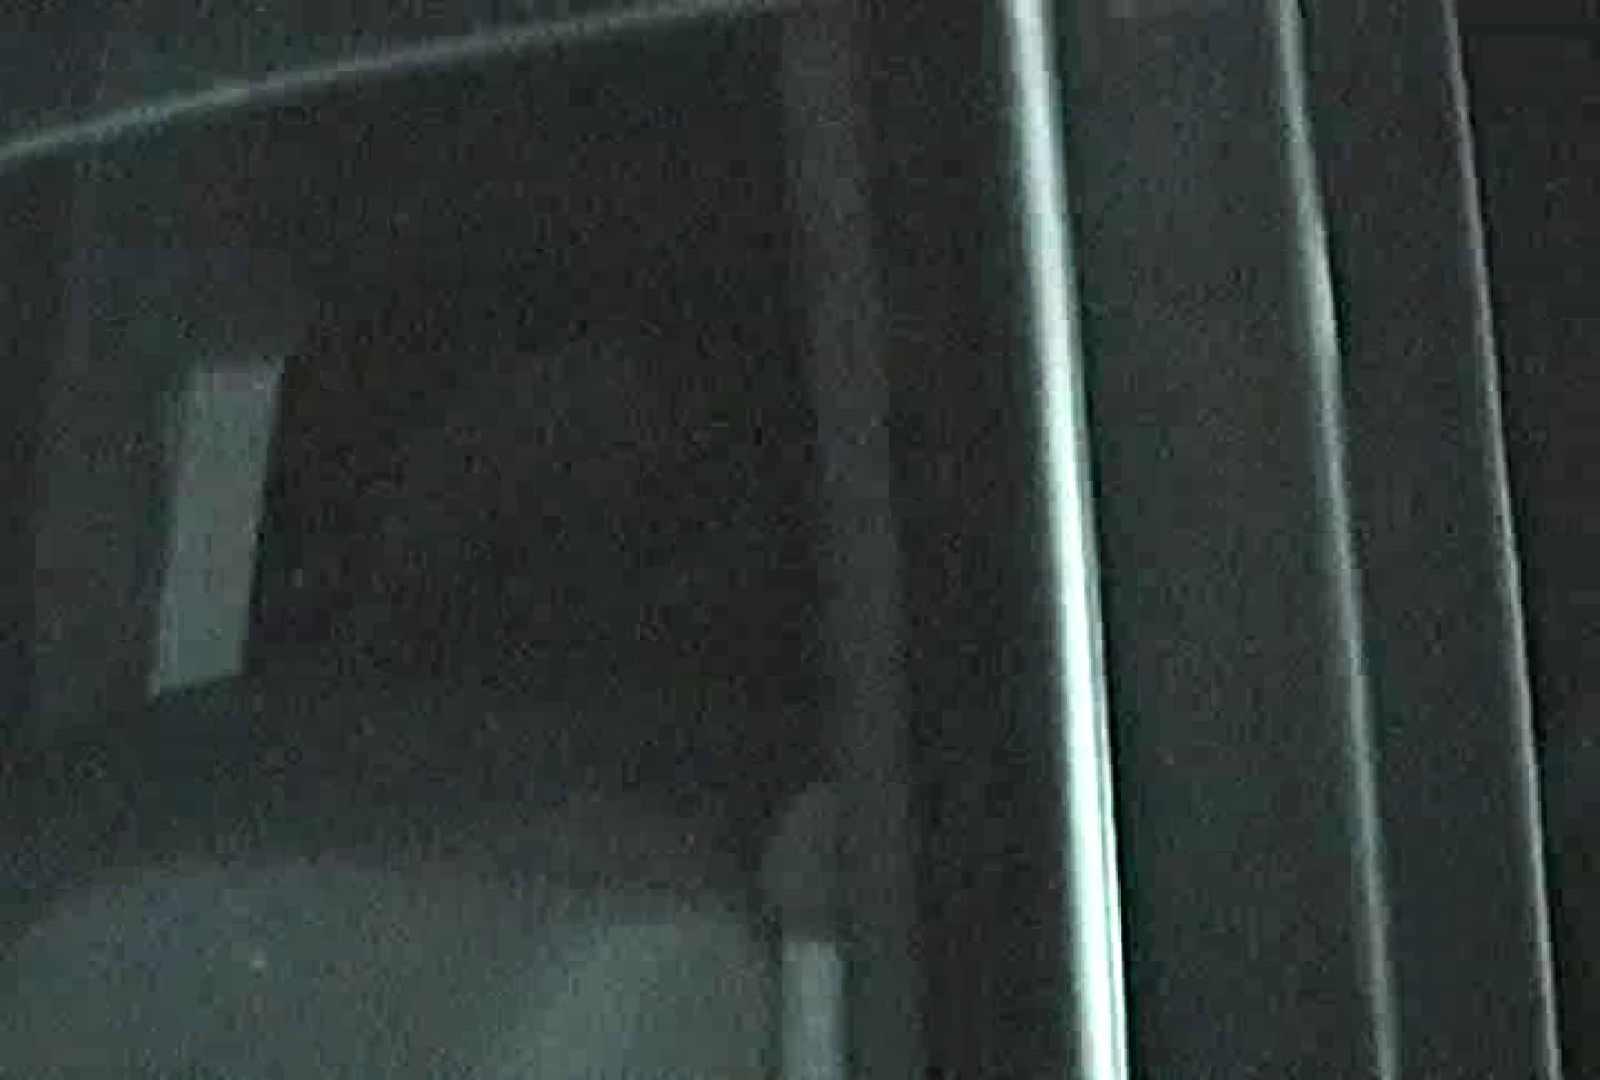 充血監督の深夜の運動会Vol.91 素人エロ投稿  102画像 93